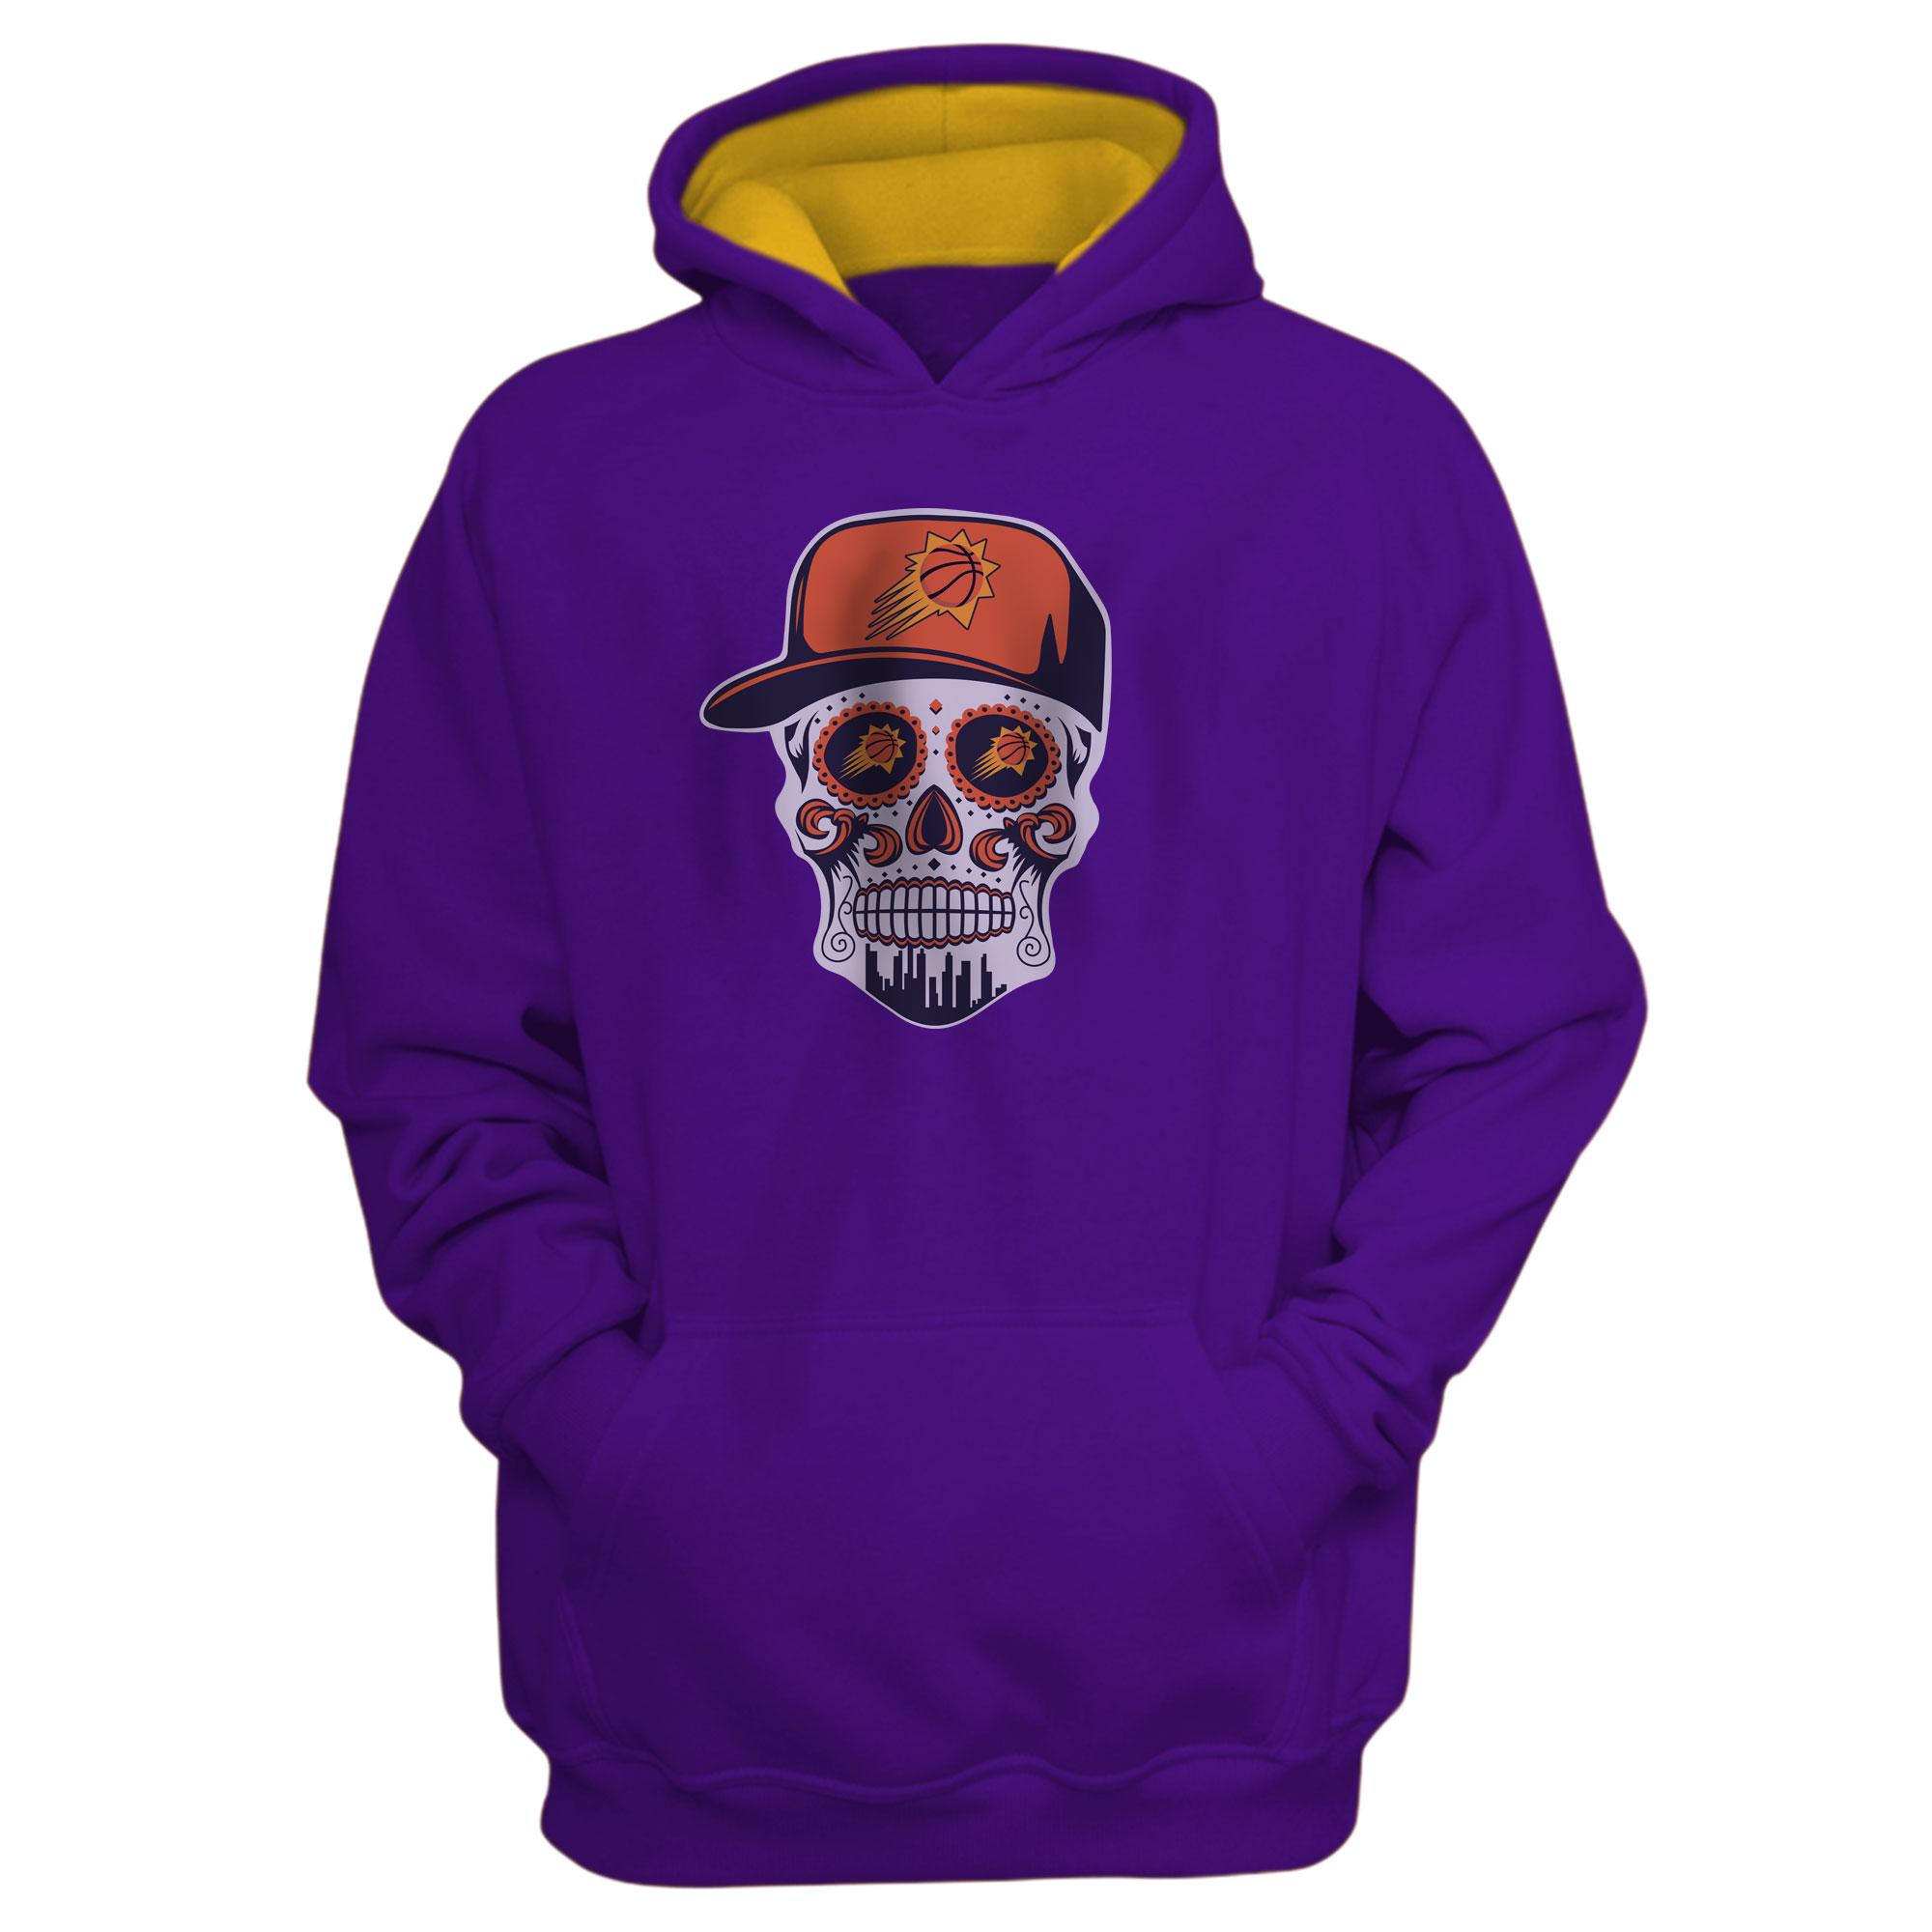 Phoenix Skull Hoodie (HD-PRP-NP-461-NBA-PHO-SKULL)